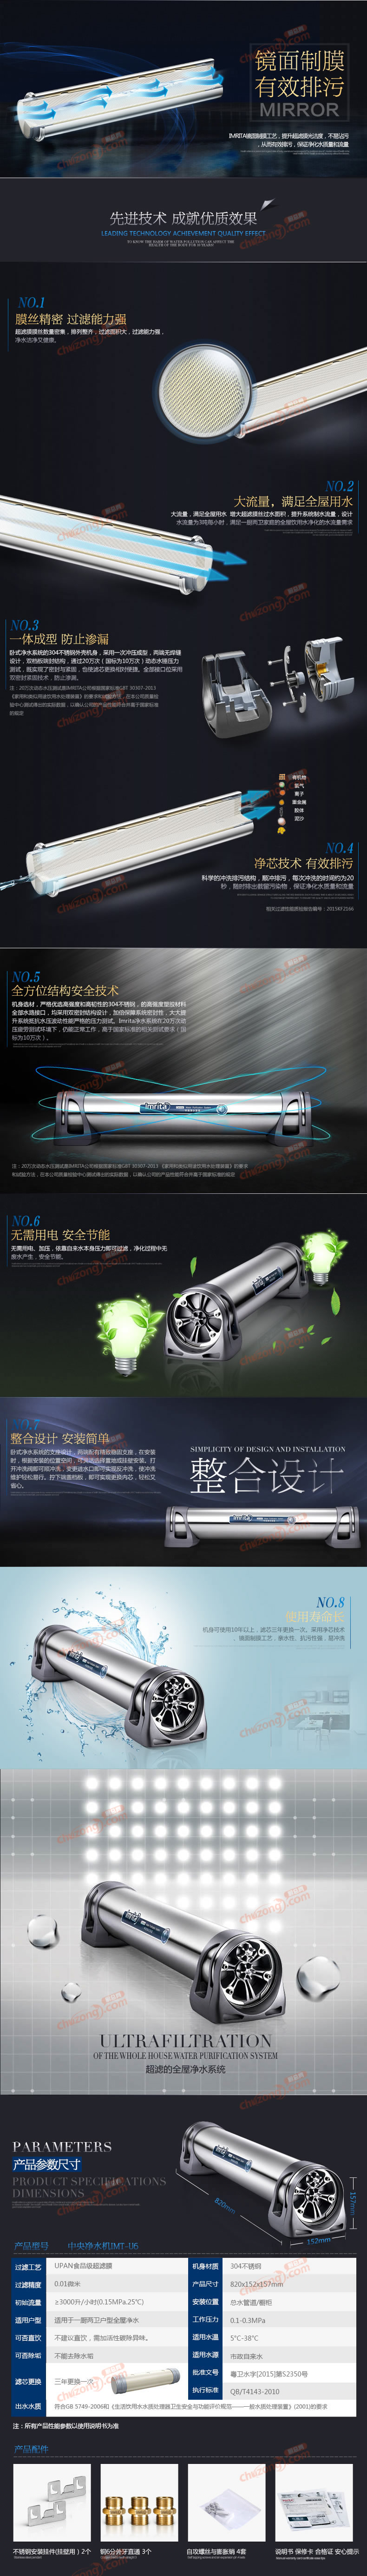 【愛瑪特中央凈水機】IMT-U6詳情圖